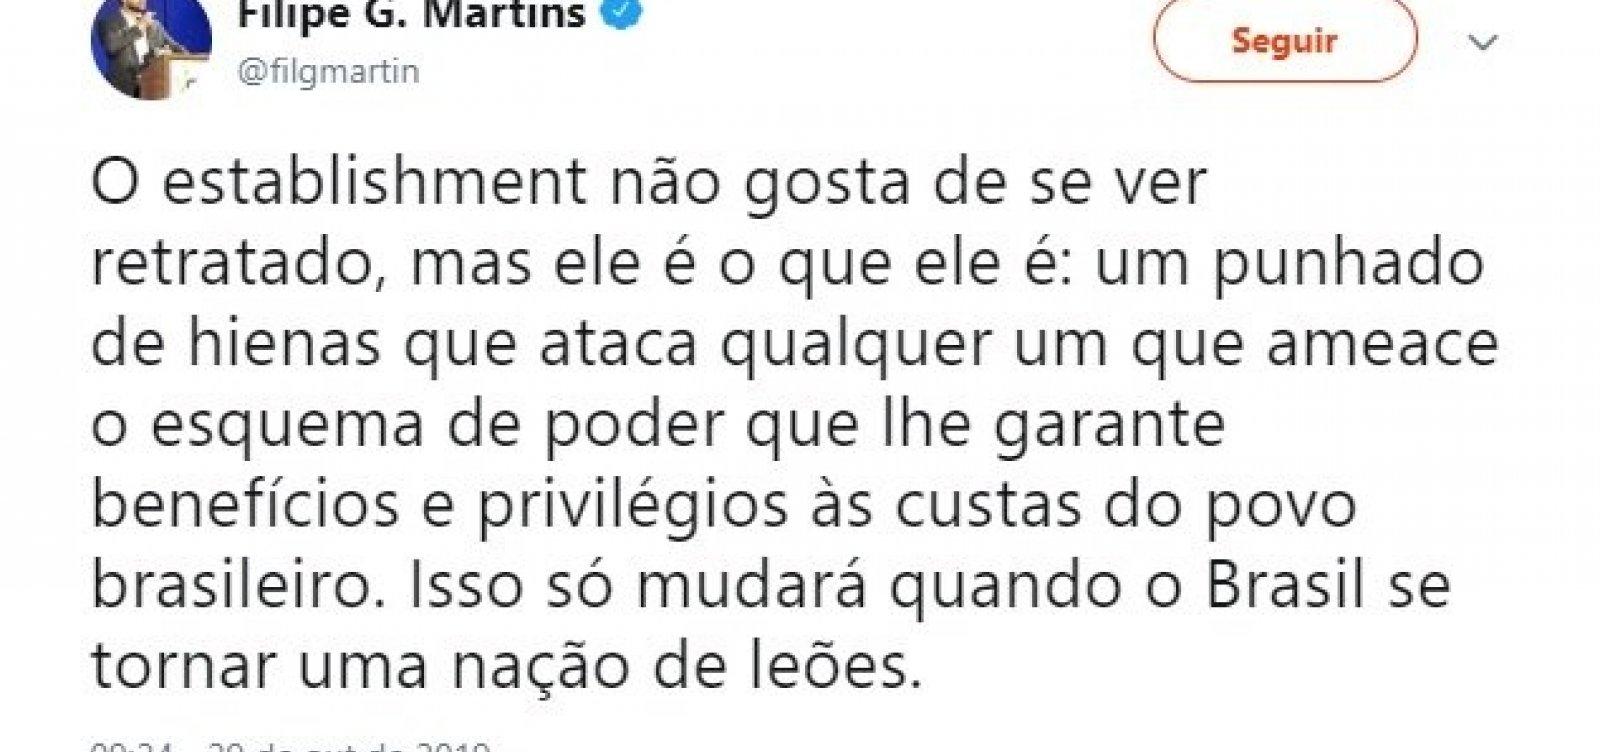 Assessor do presidente Bolsonaro reforça narrativa 'de leão e hienas'